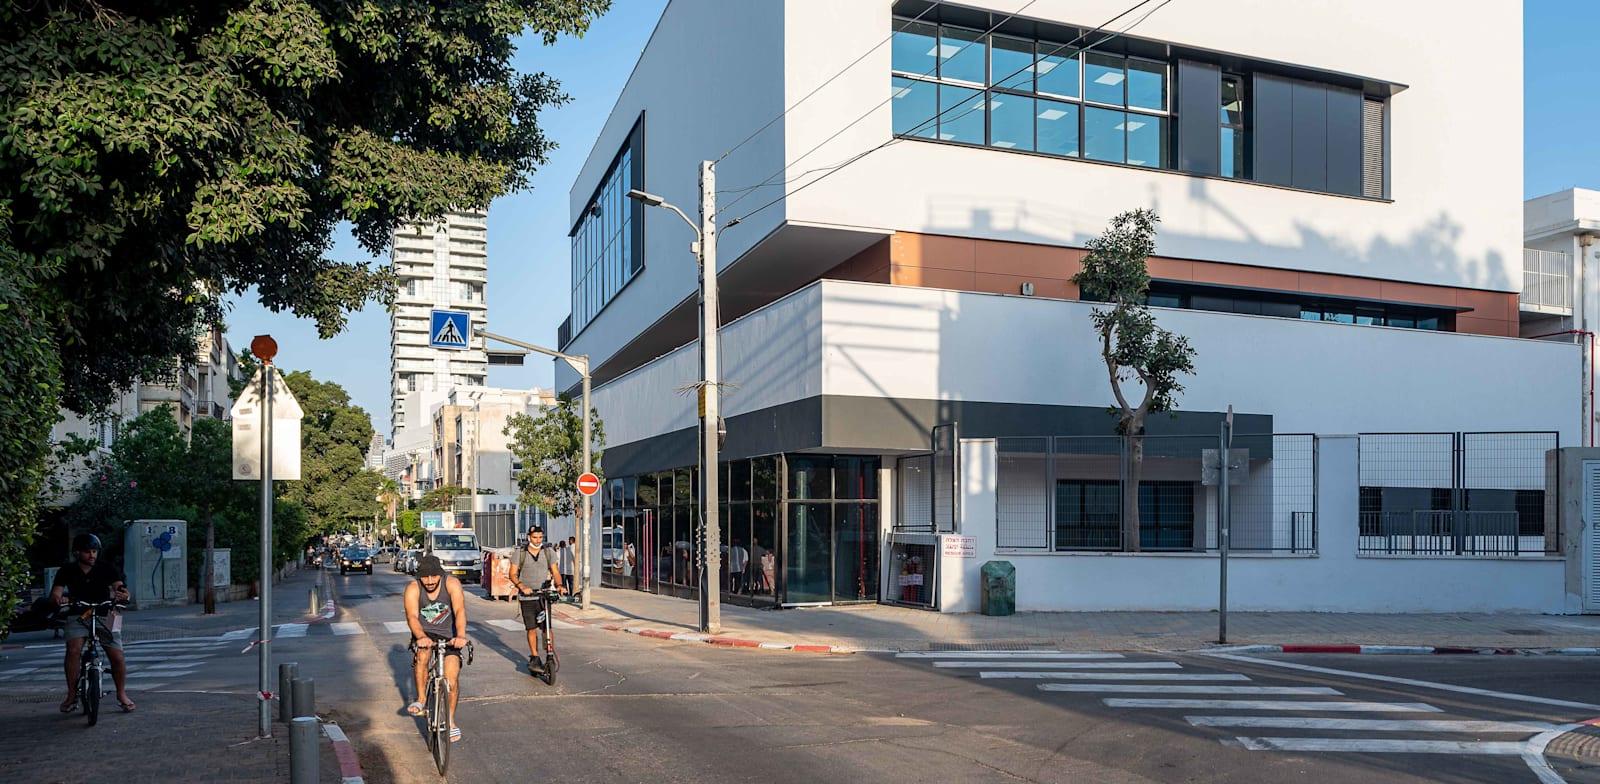 בית הספר תל נורדאו, תל אביב / צילום: דניאל קסב